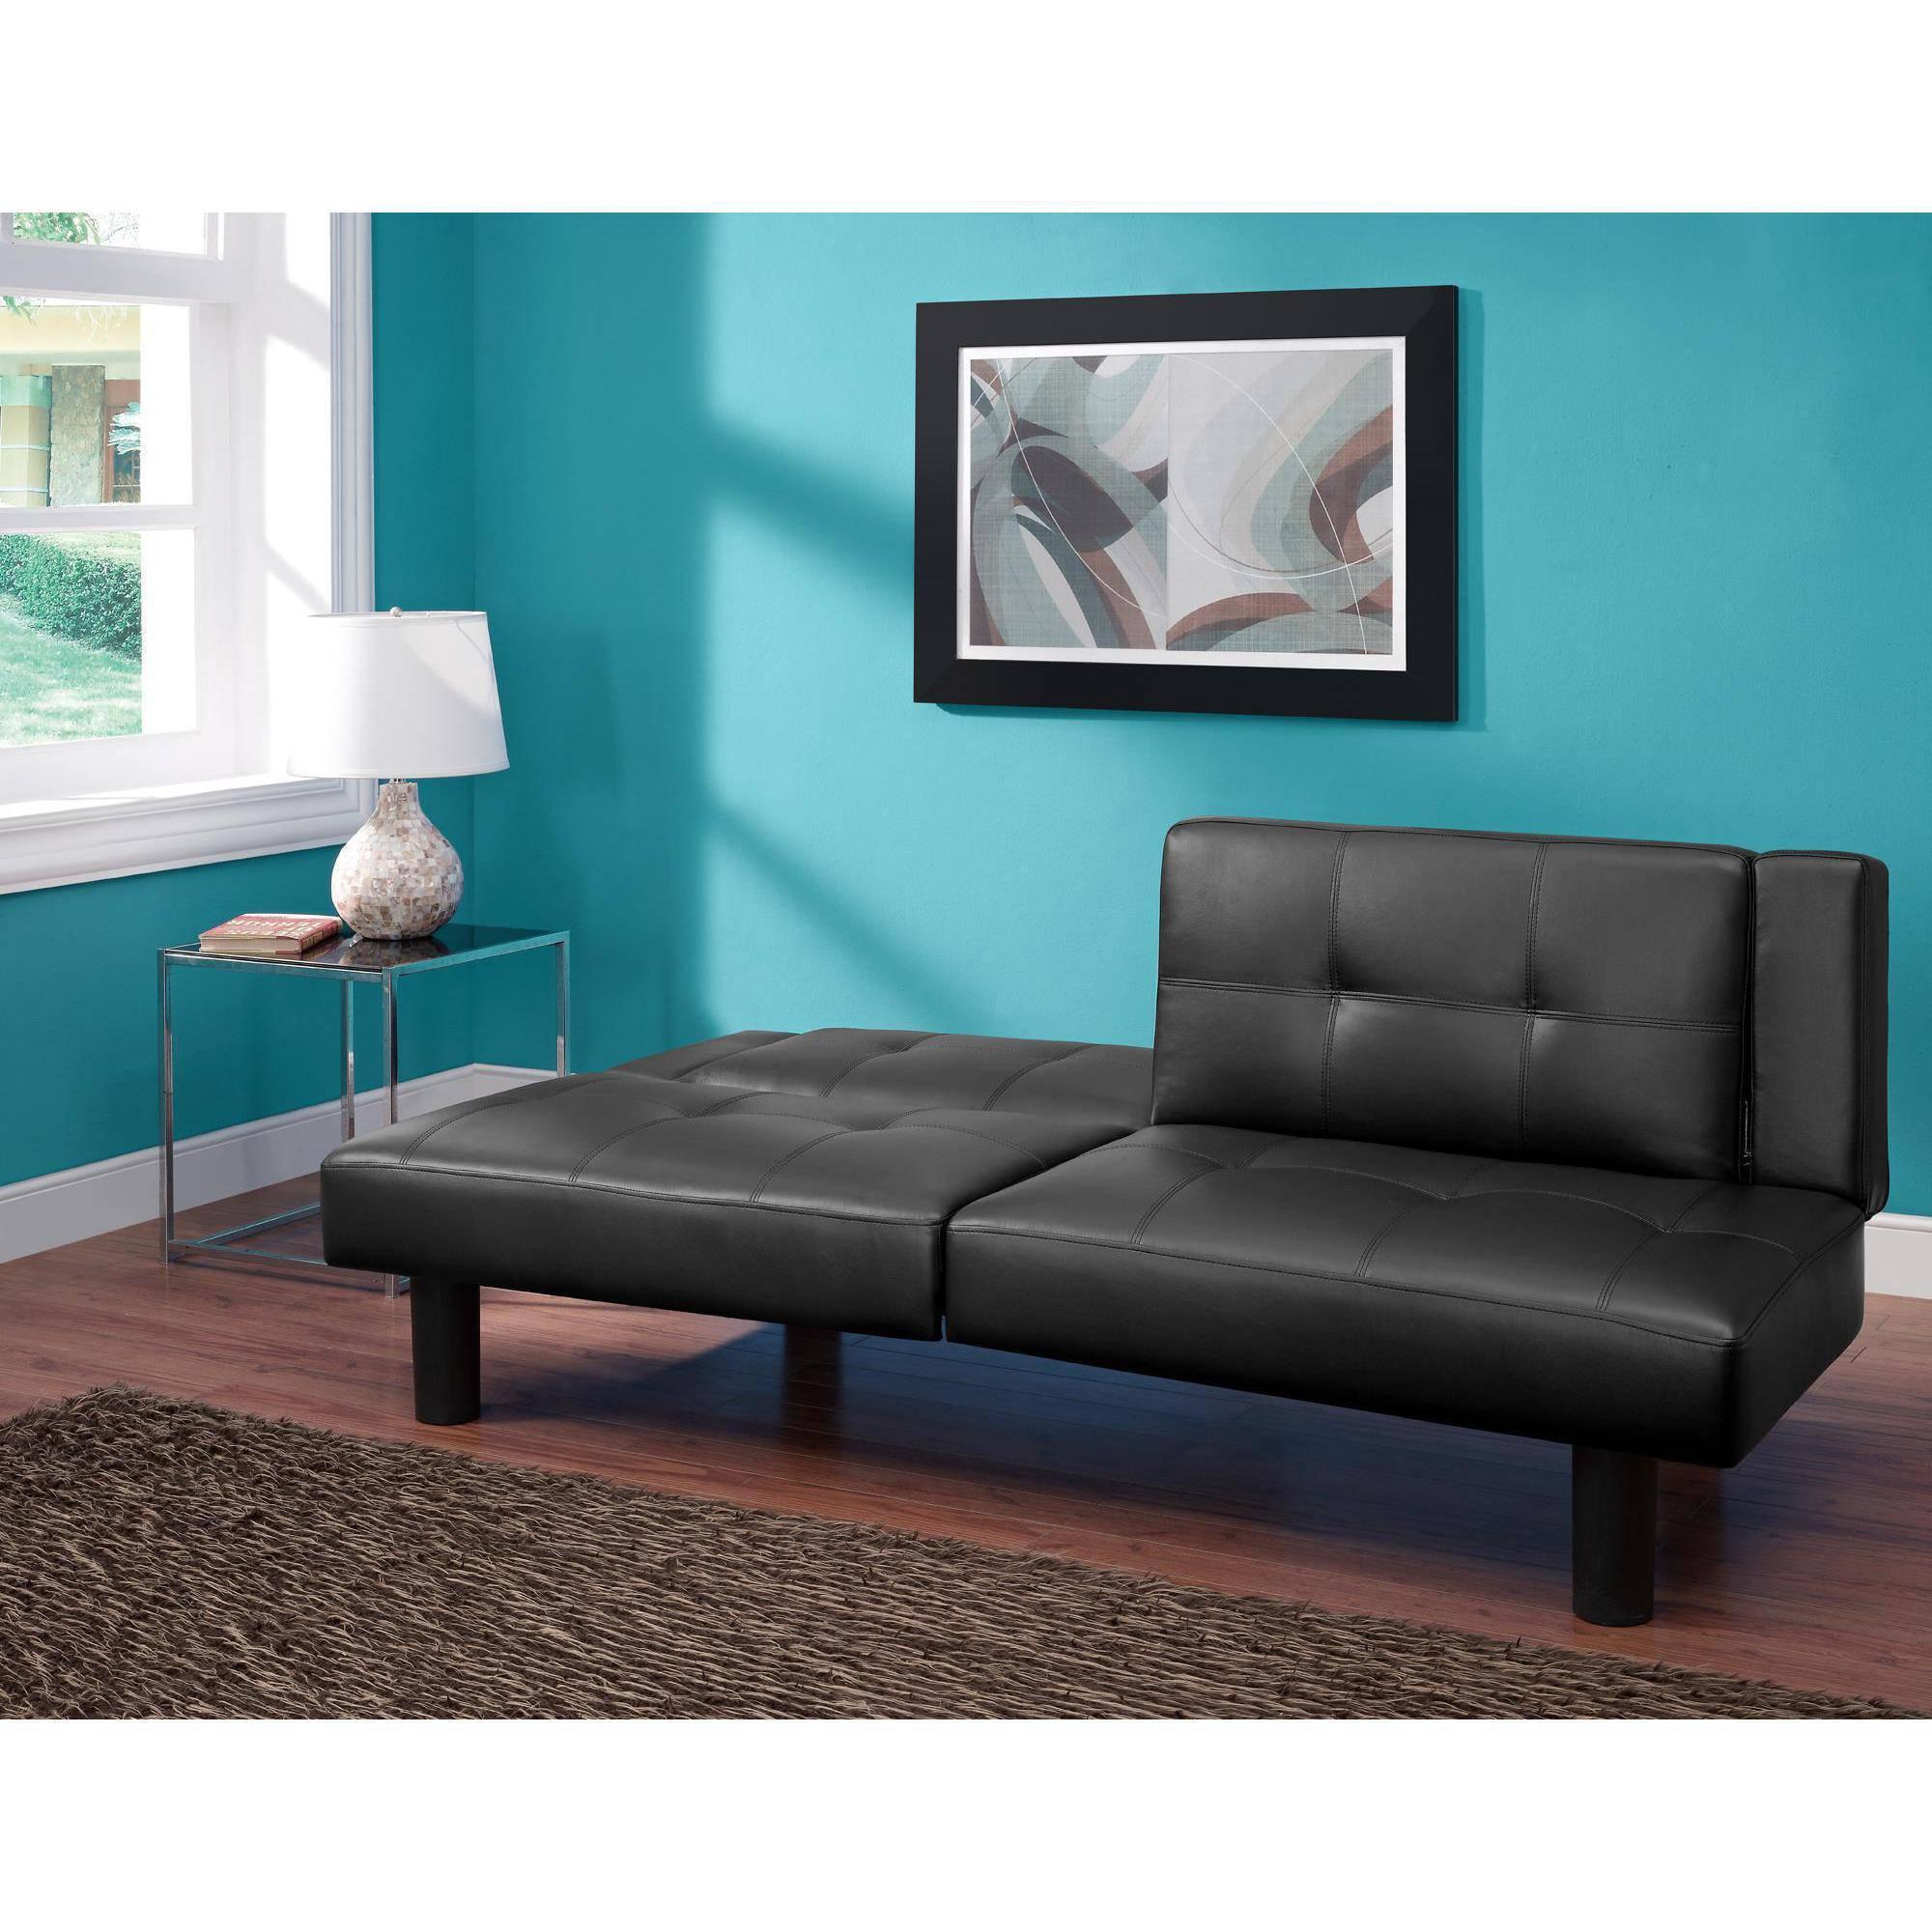 mattresses youtube reviews futon watch top d furniture best